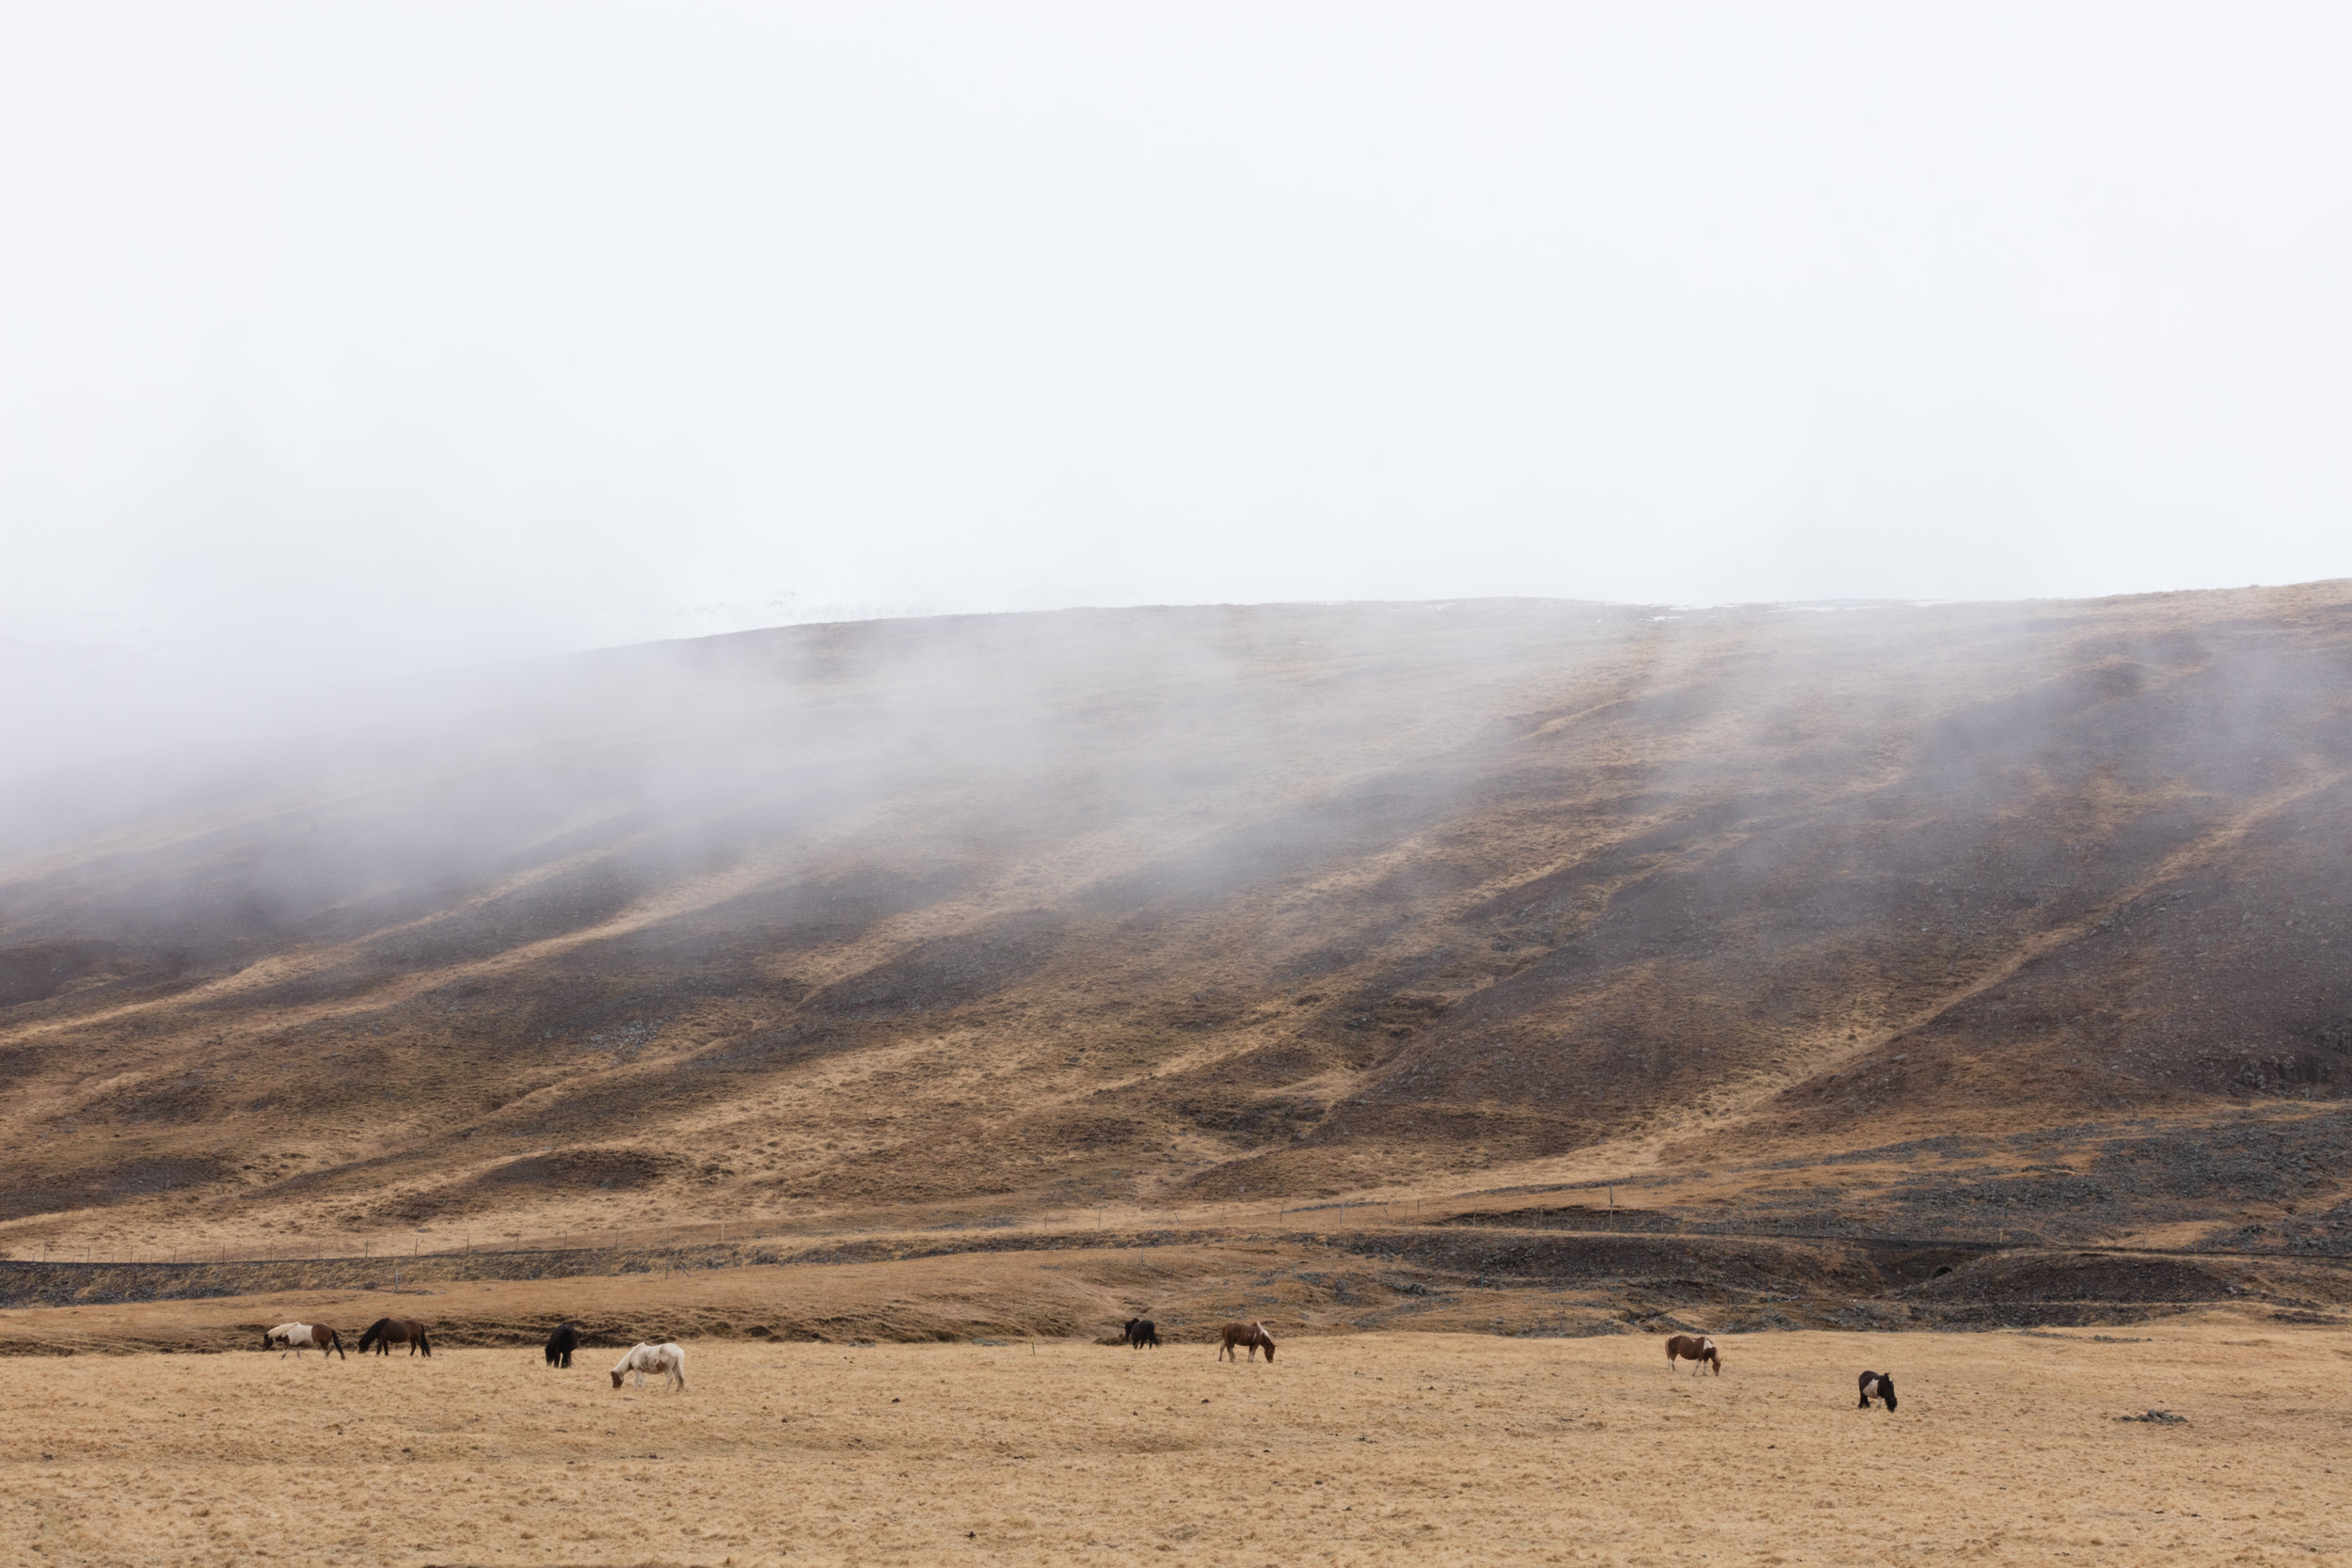 Icelandic+Horses+|+Landscapes+North+Iceland+-+Faune.jpg